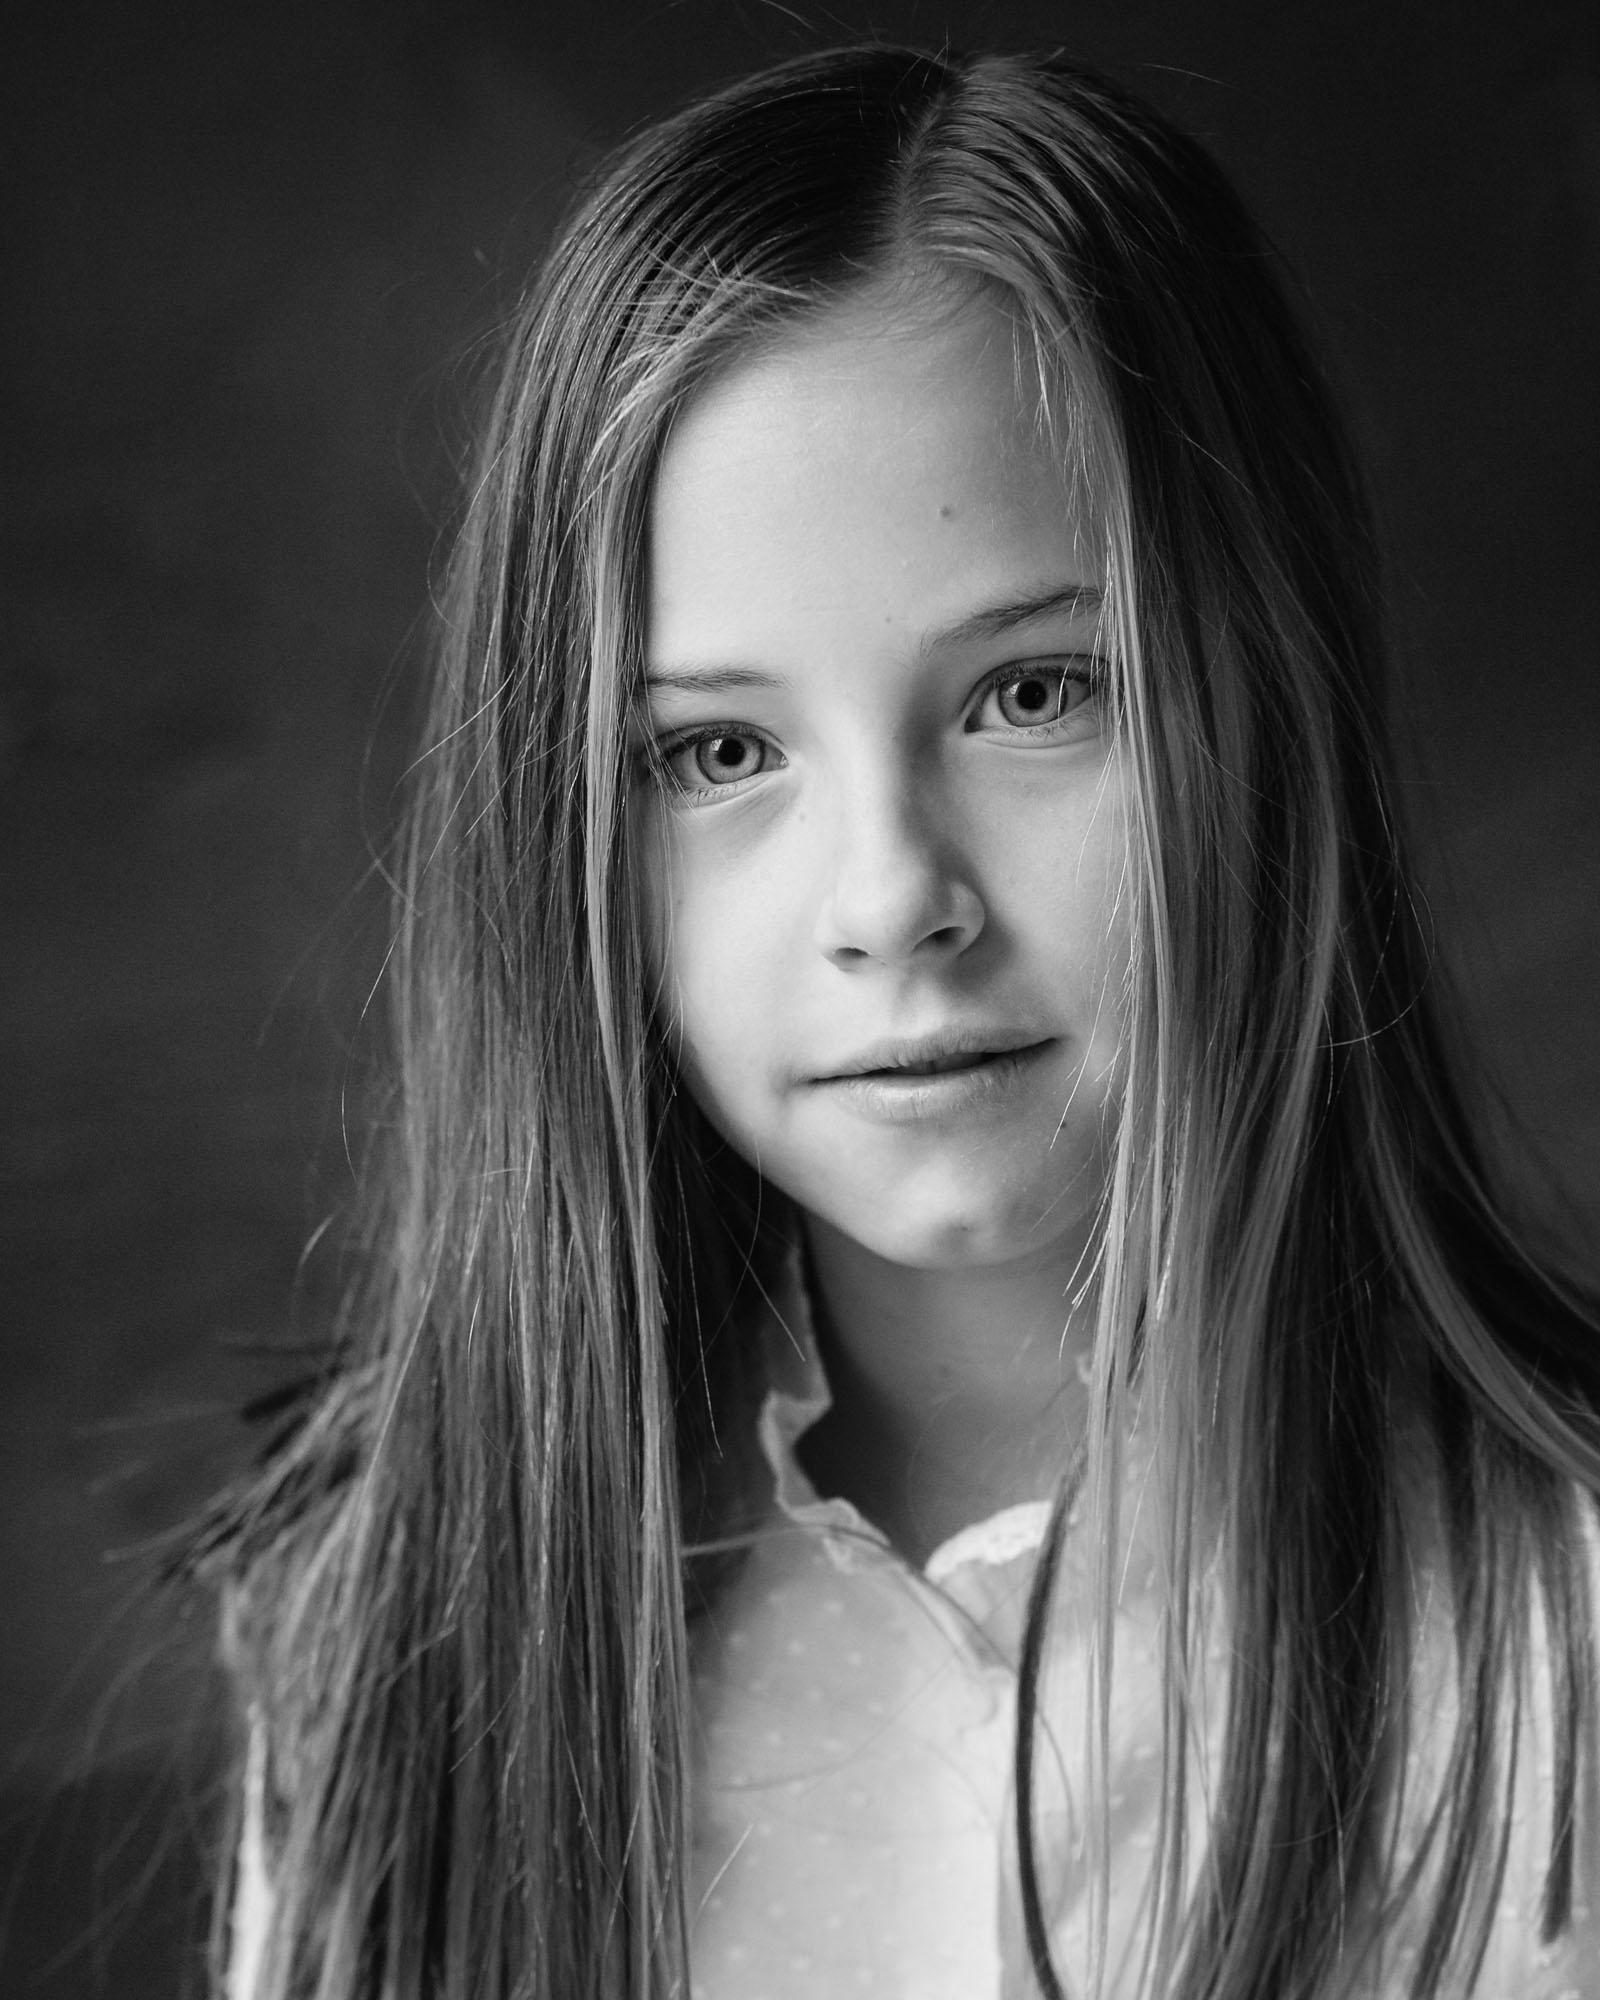 zwart-wit portret van meisje met wit bloesje in daglicht fotostudio door MayraFotografie